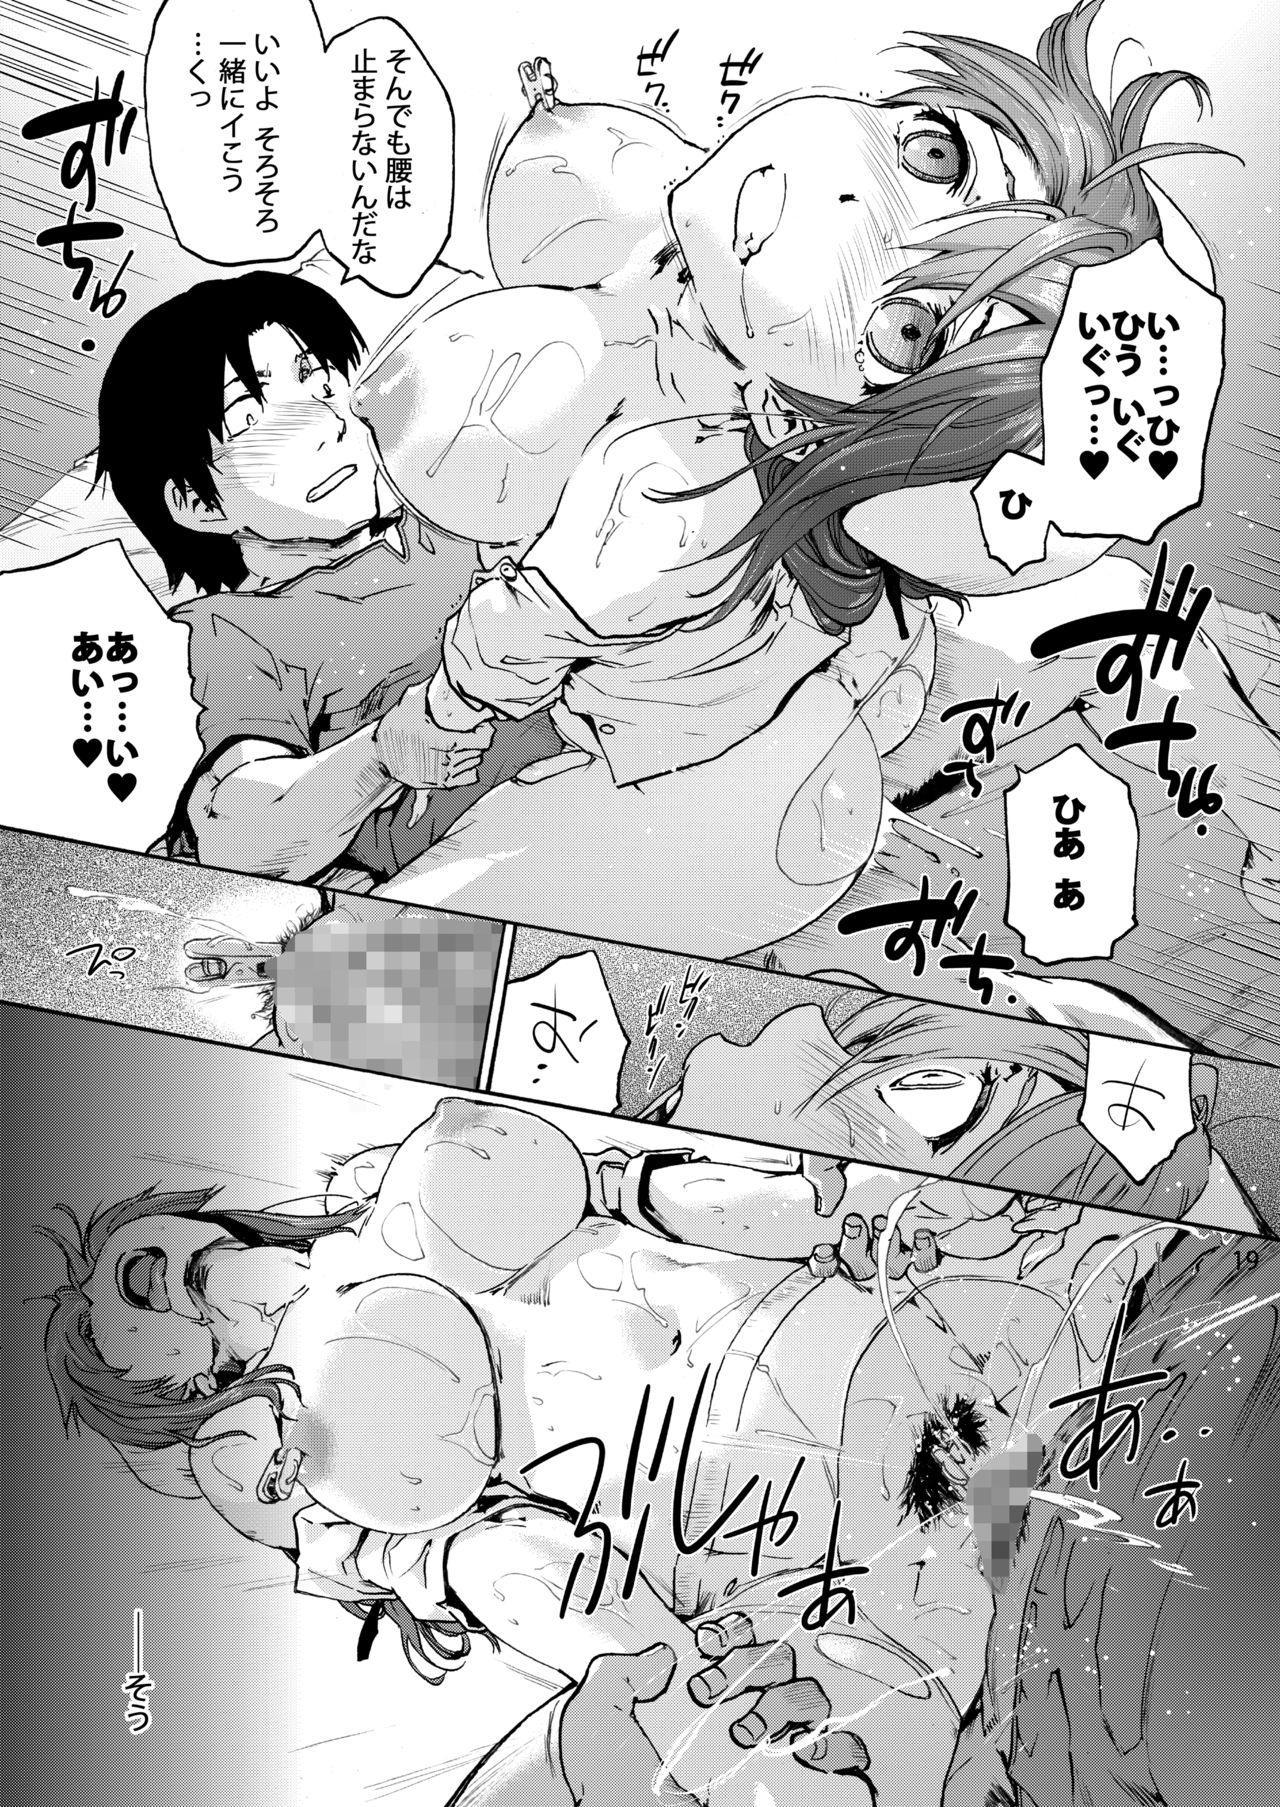 Oyasaka Byouin 2 Iyasi No Morie-san 19